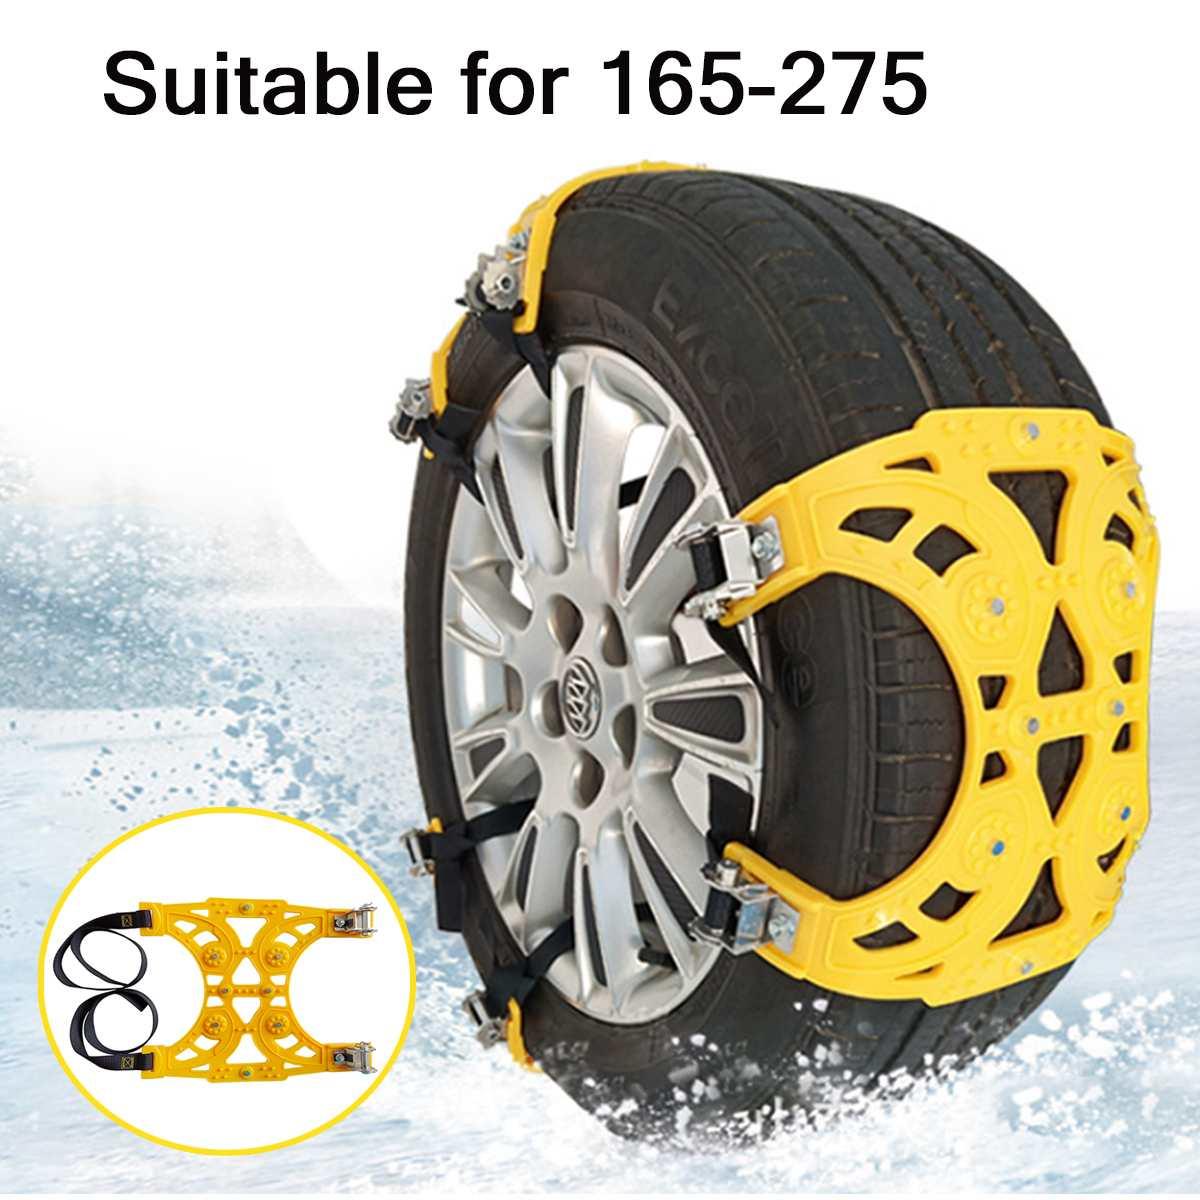 Cadenas de nieve para neumáticos de automóviles 1x 2x 6x neumáticos antideslizantes cadenas para ruedas cadena ajustable de seguridad PU invierno uso camión Van ATV